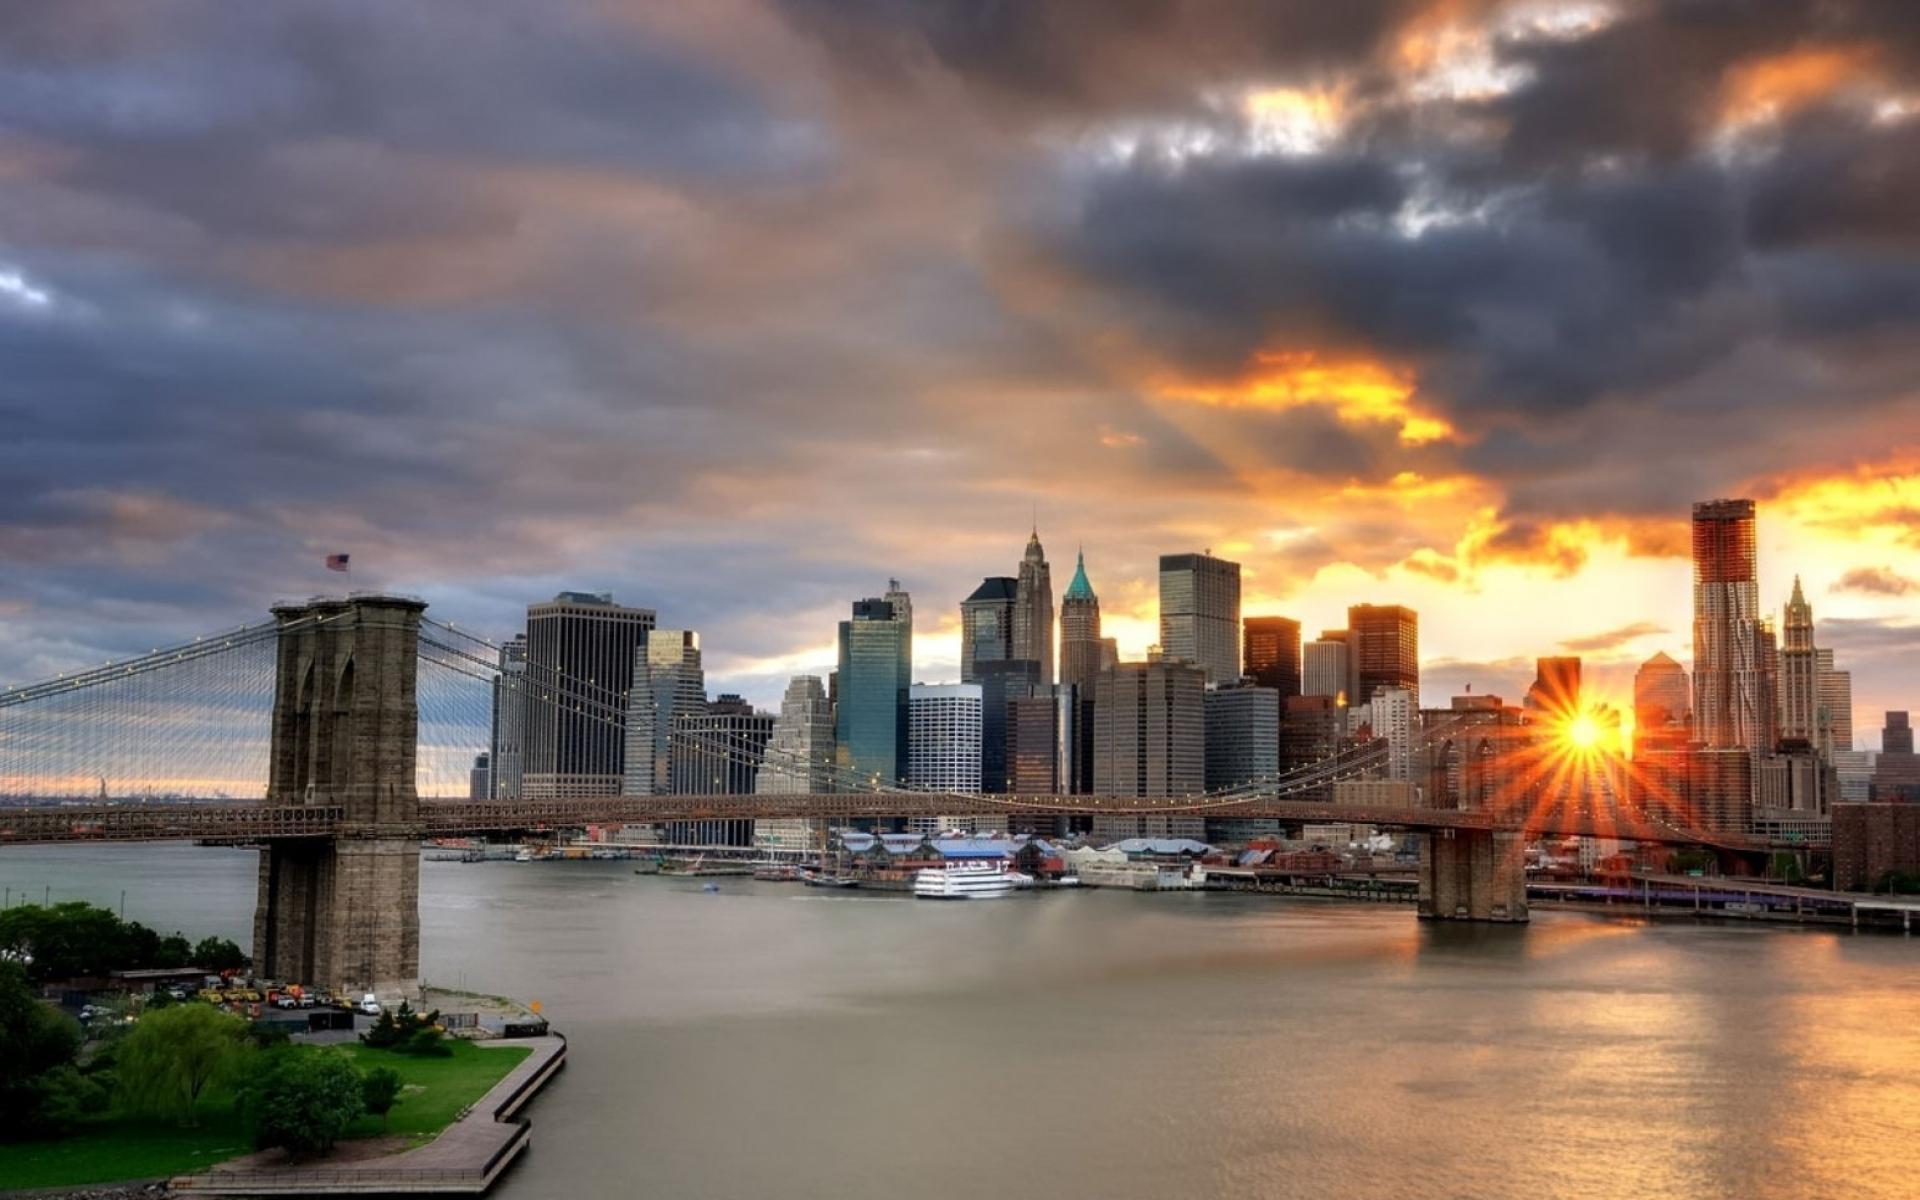 Картинки Нью-Йорк, мост, свет, закат, здания, небоскребы фото и обои на рабочий стол